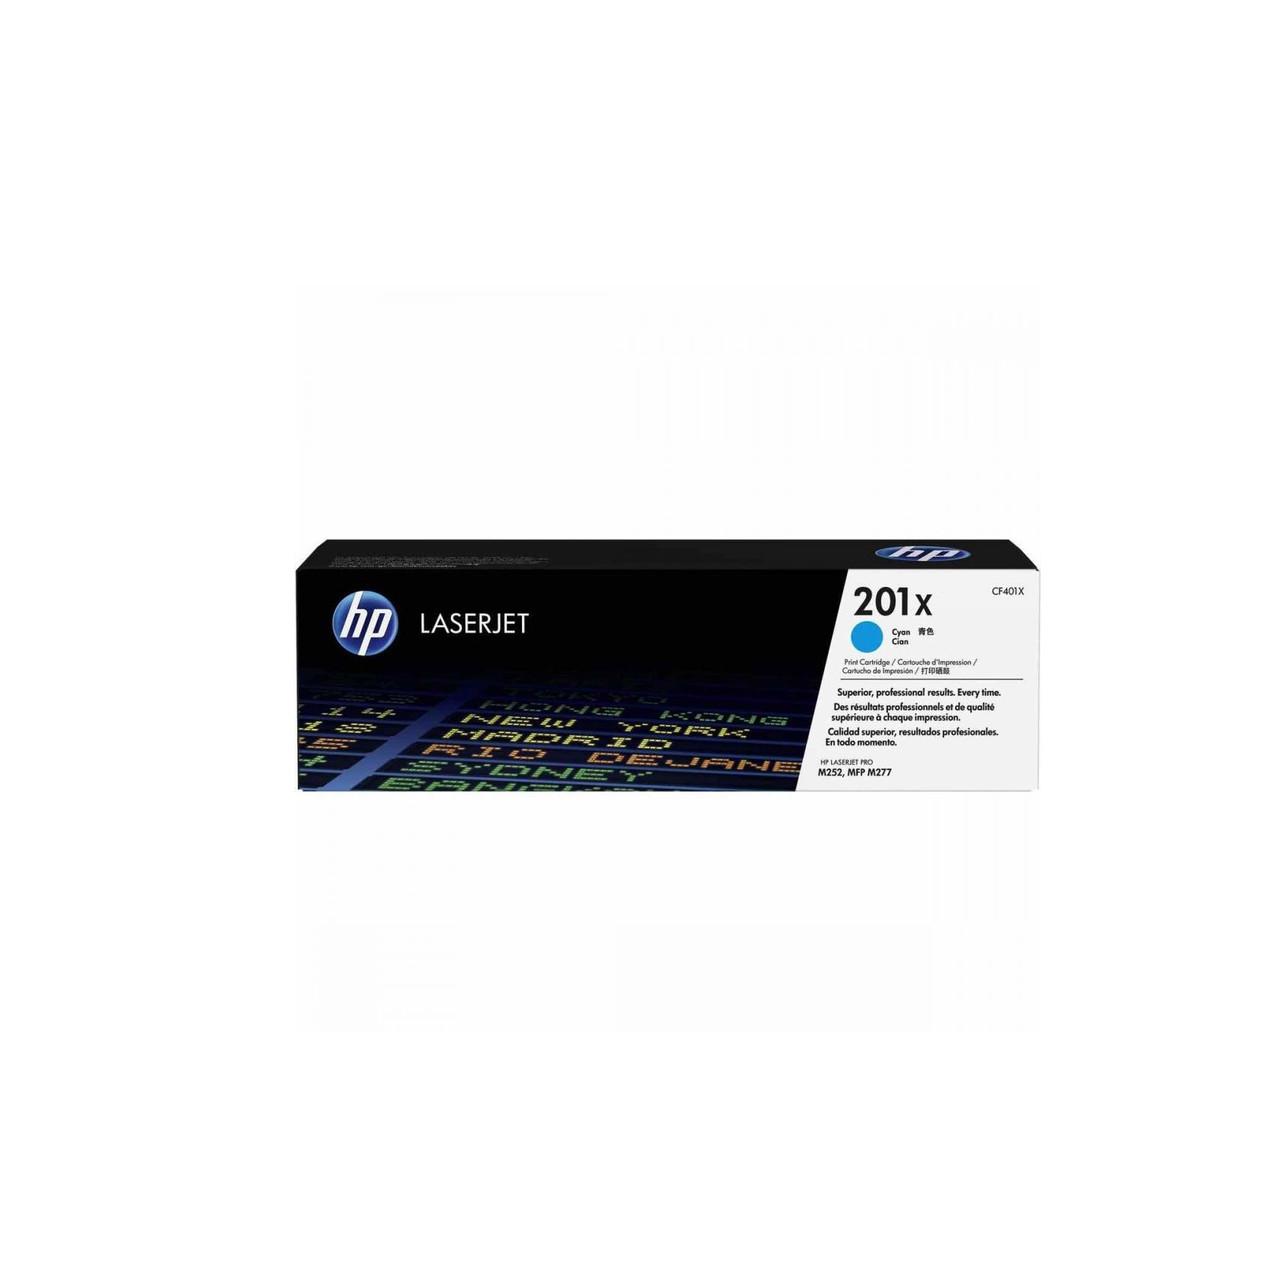 Лазерный картридж HP 201X (Оригинальный, Голубой - Cyan) CF401X